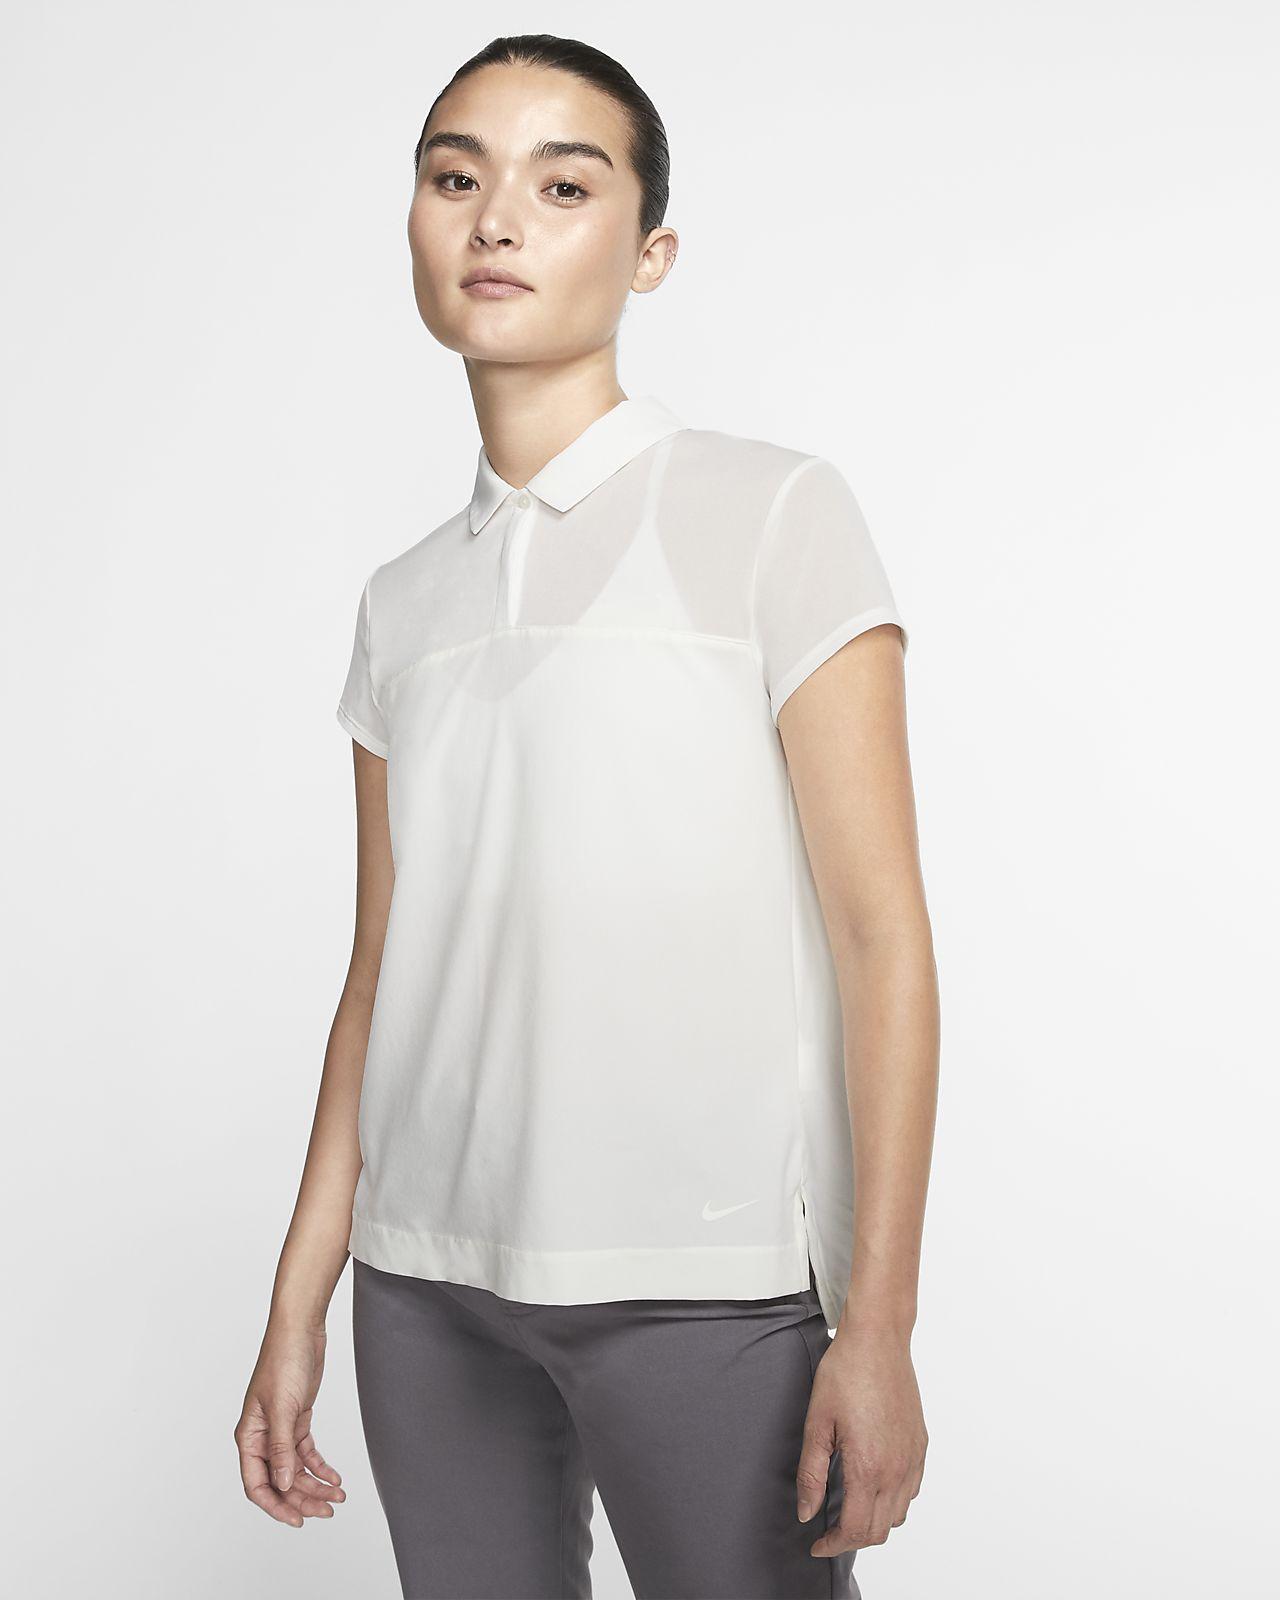 Γυναικεία μπλούζα πόλο για γκολφ Nike Flex